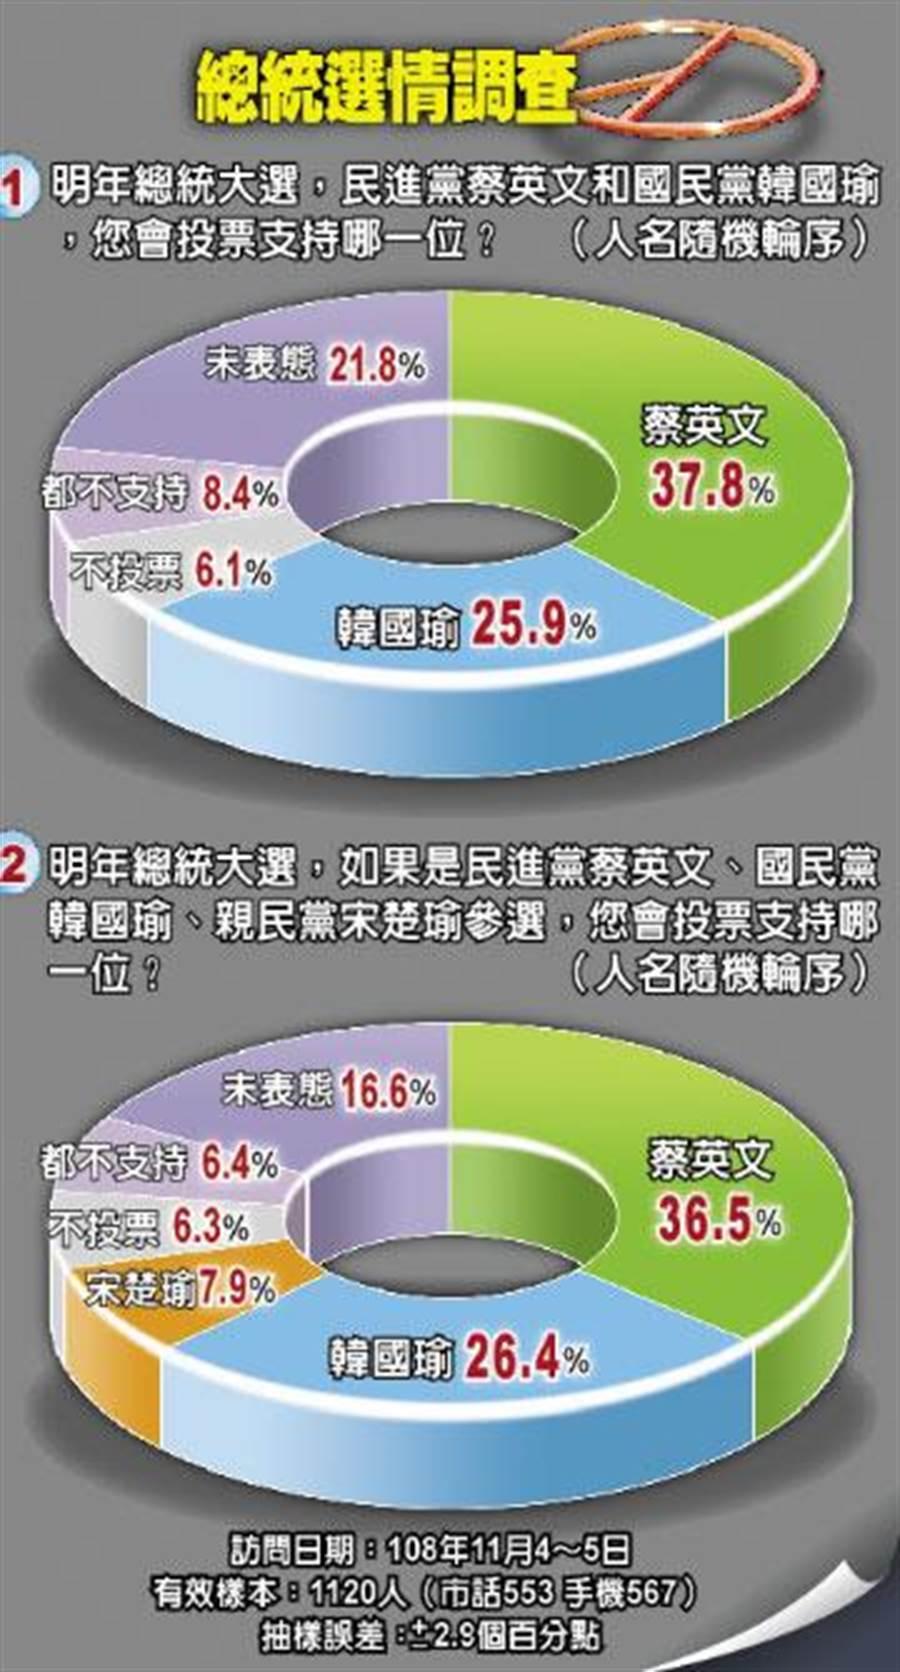 根據旺旺中時媒體集團最新民調顯示,在韓國瑜、蔡英文一對一的狀態下,蔡的支持度是37.8%,韓為25.9%,蔡領先韓11.9百分點;宋若參選,蔡支持度36.5%、韓26.4%、宋7.9%,蔡領先韓的幅度縮至10.1百分點。